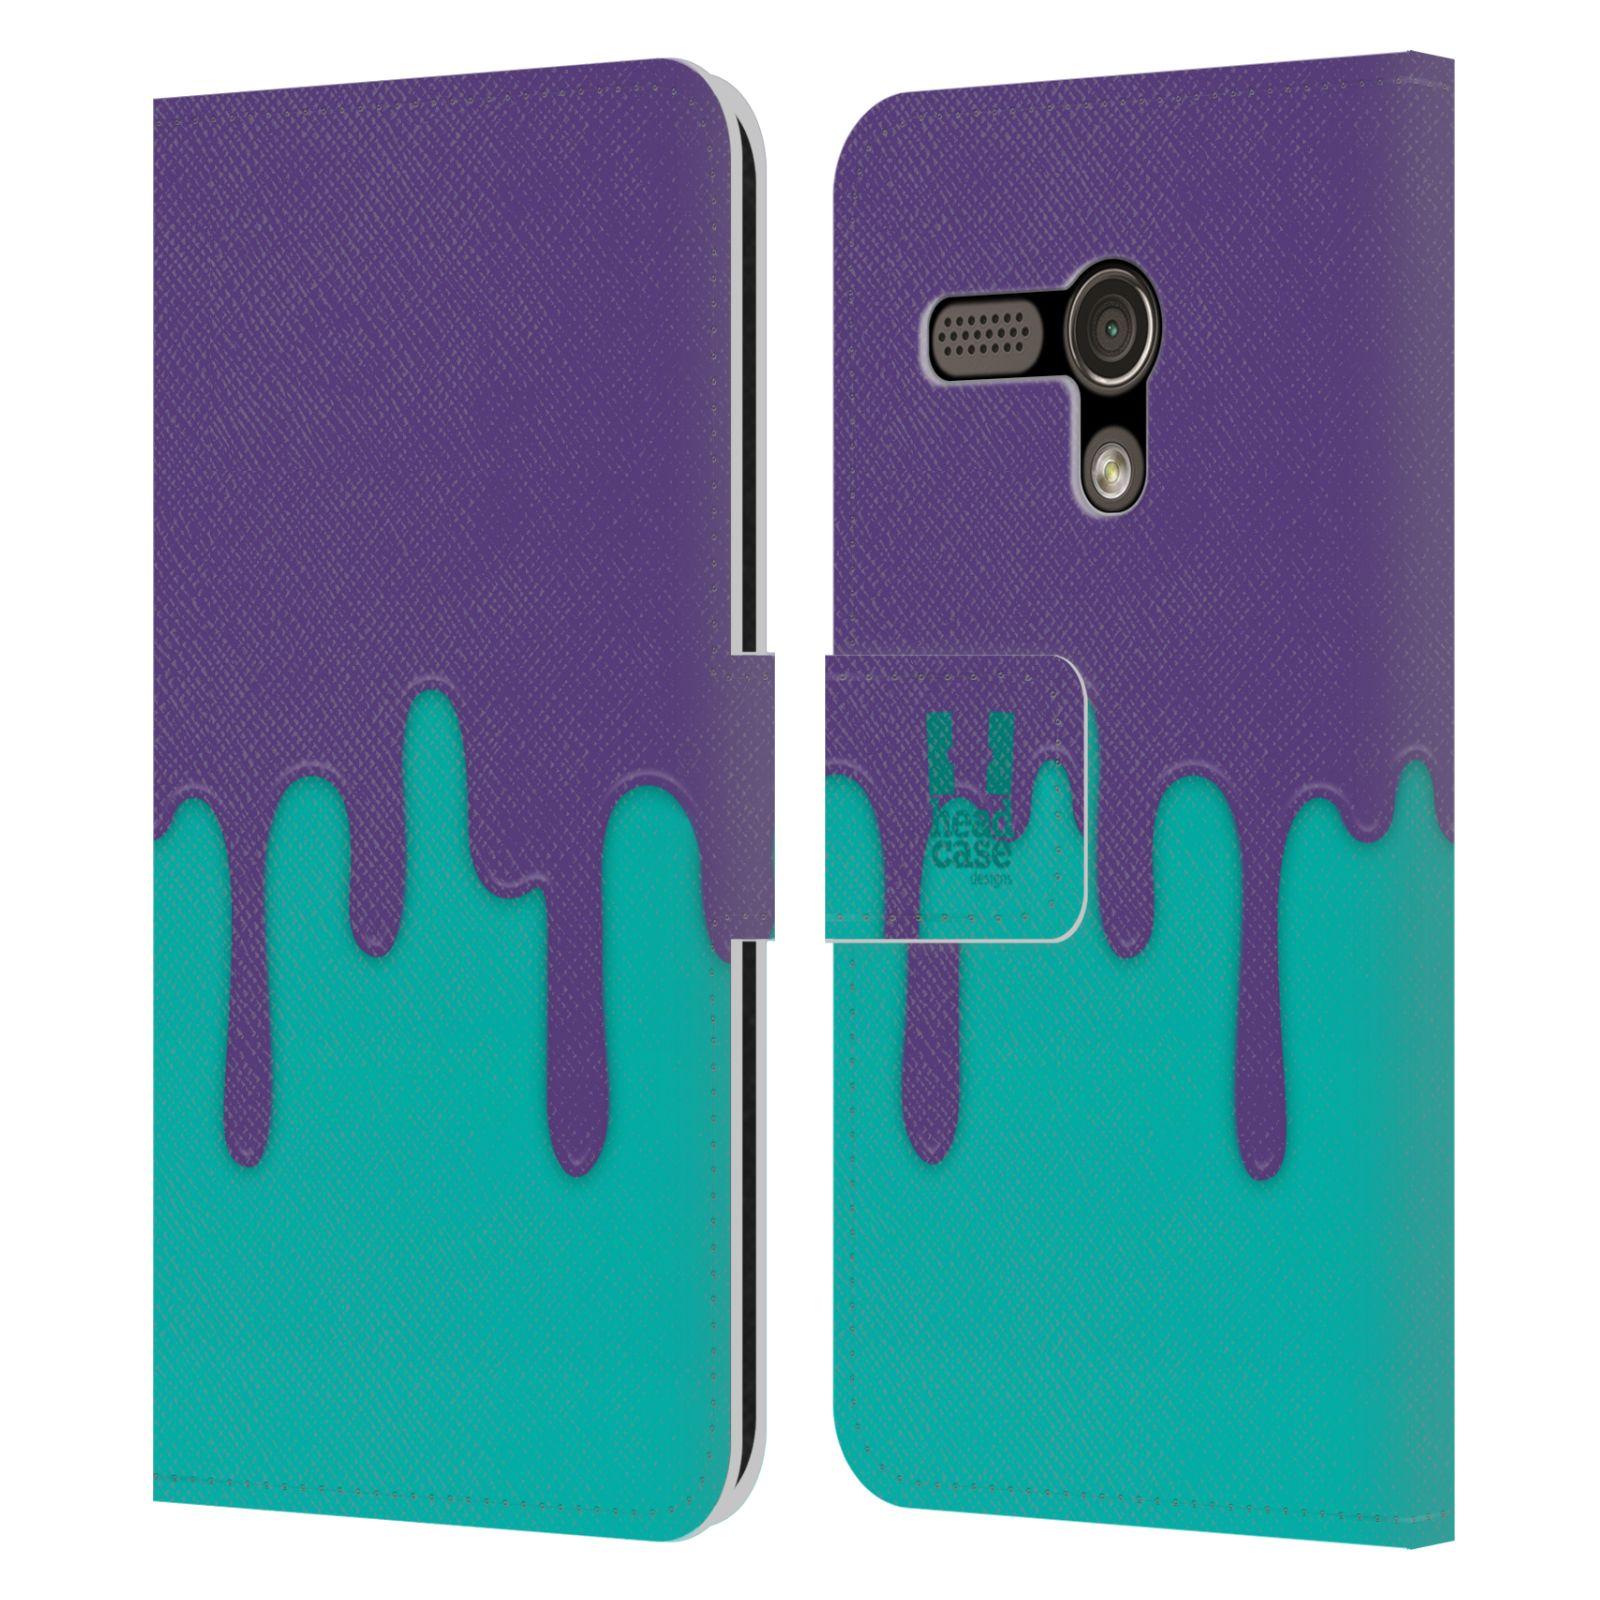 HEAD CASE Flipové pouzdro pro mobil MOTOROLA MOTO G Rozlitá barva fialová a tyrkysová